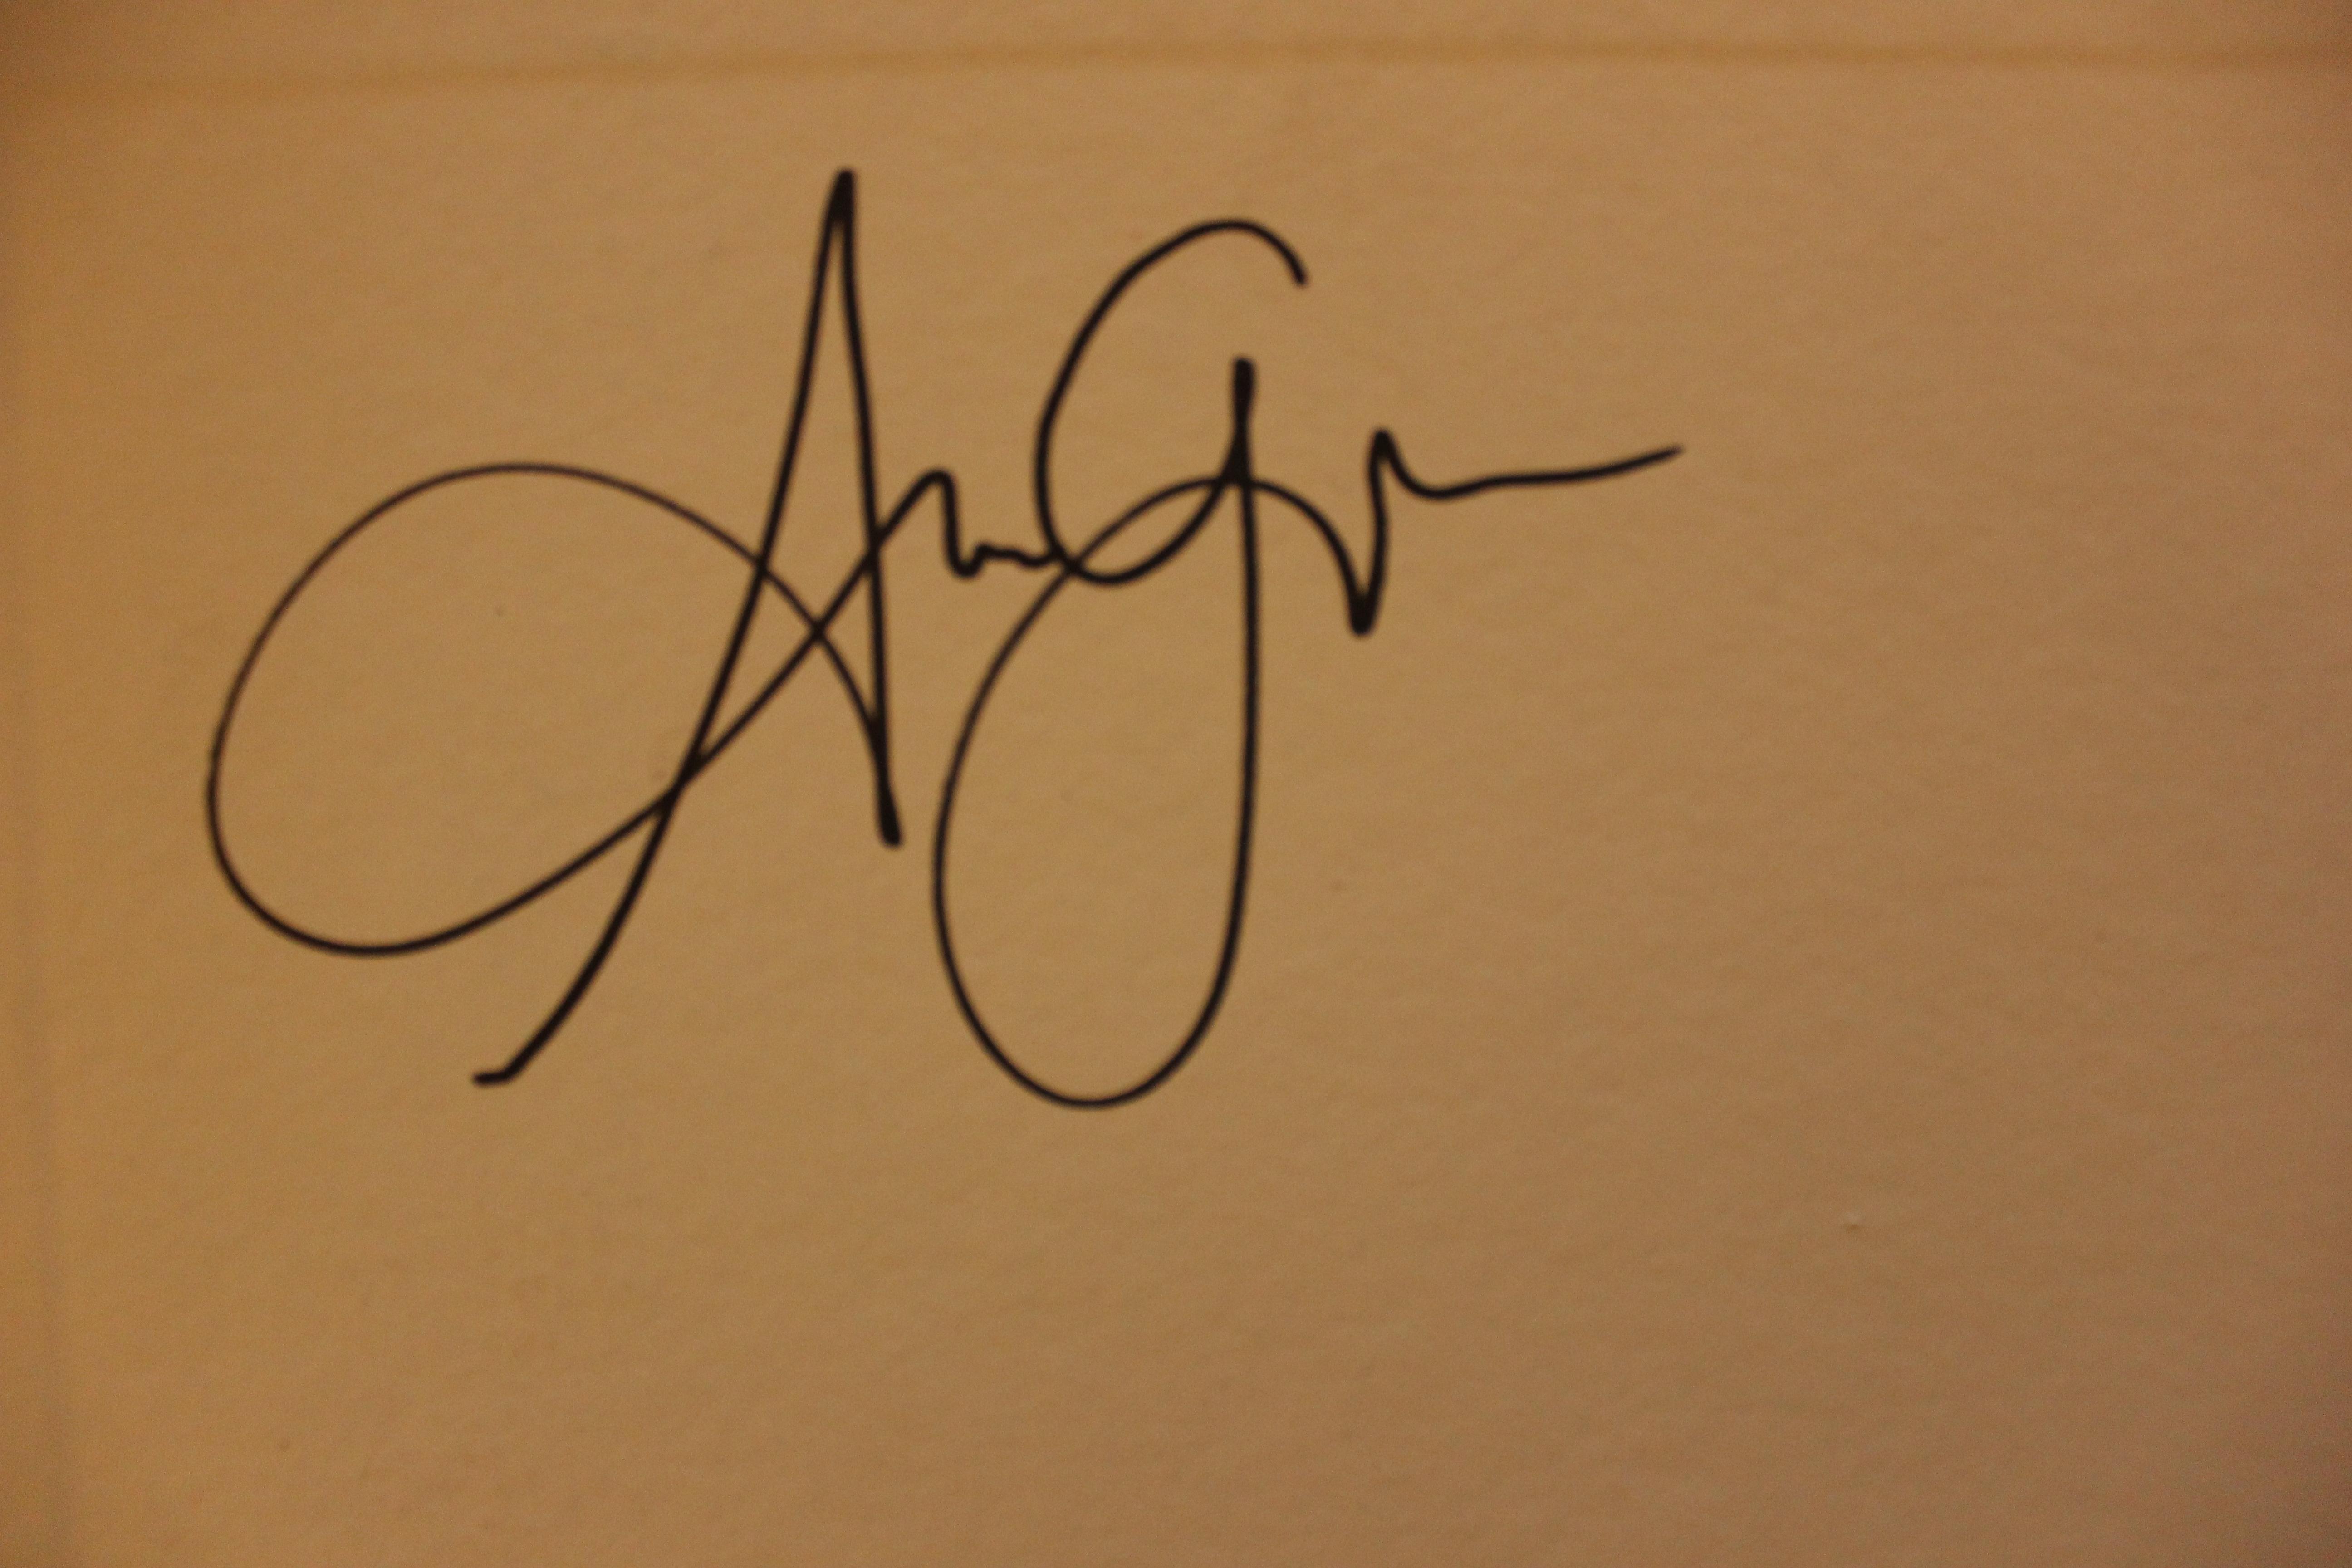 greg norbert Adotevi owondot Signature